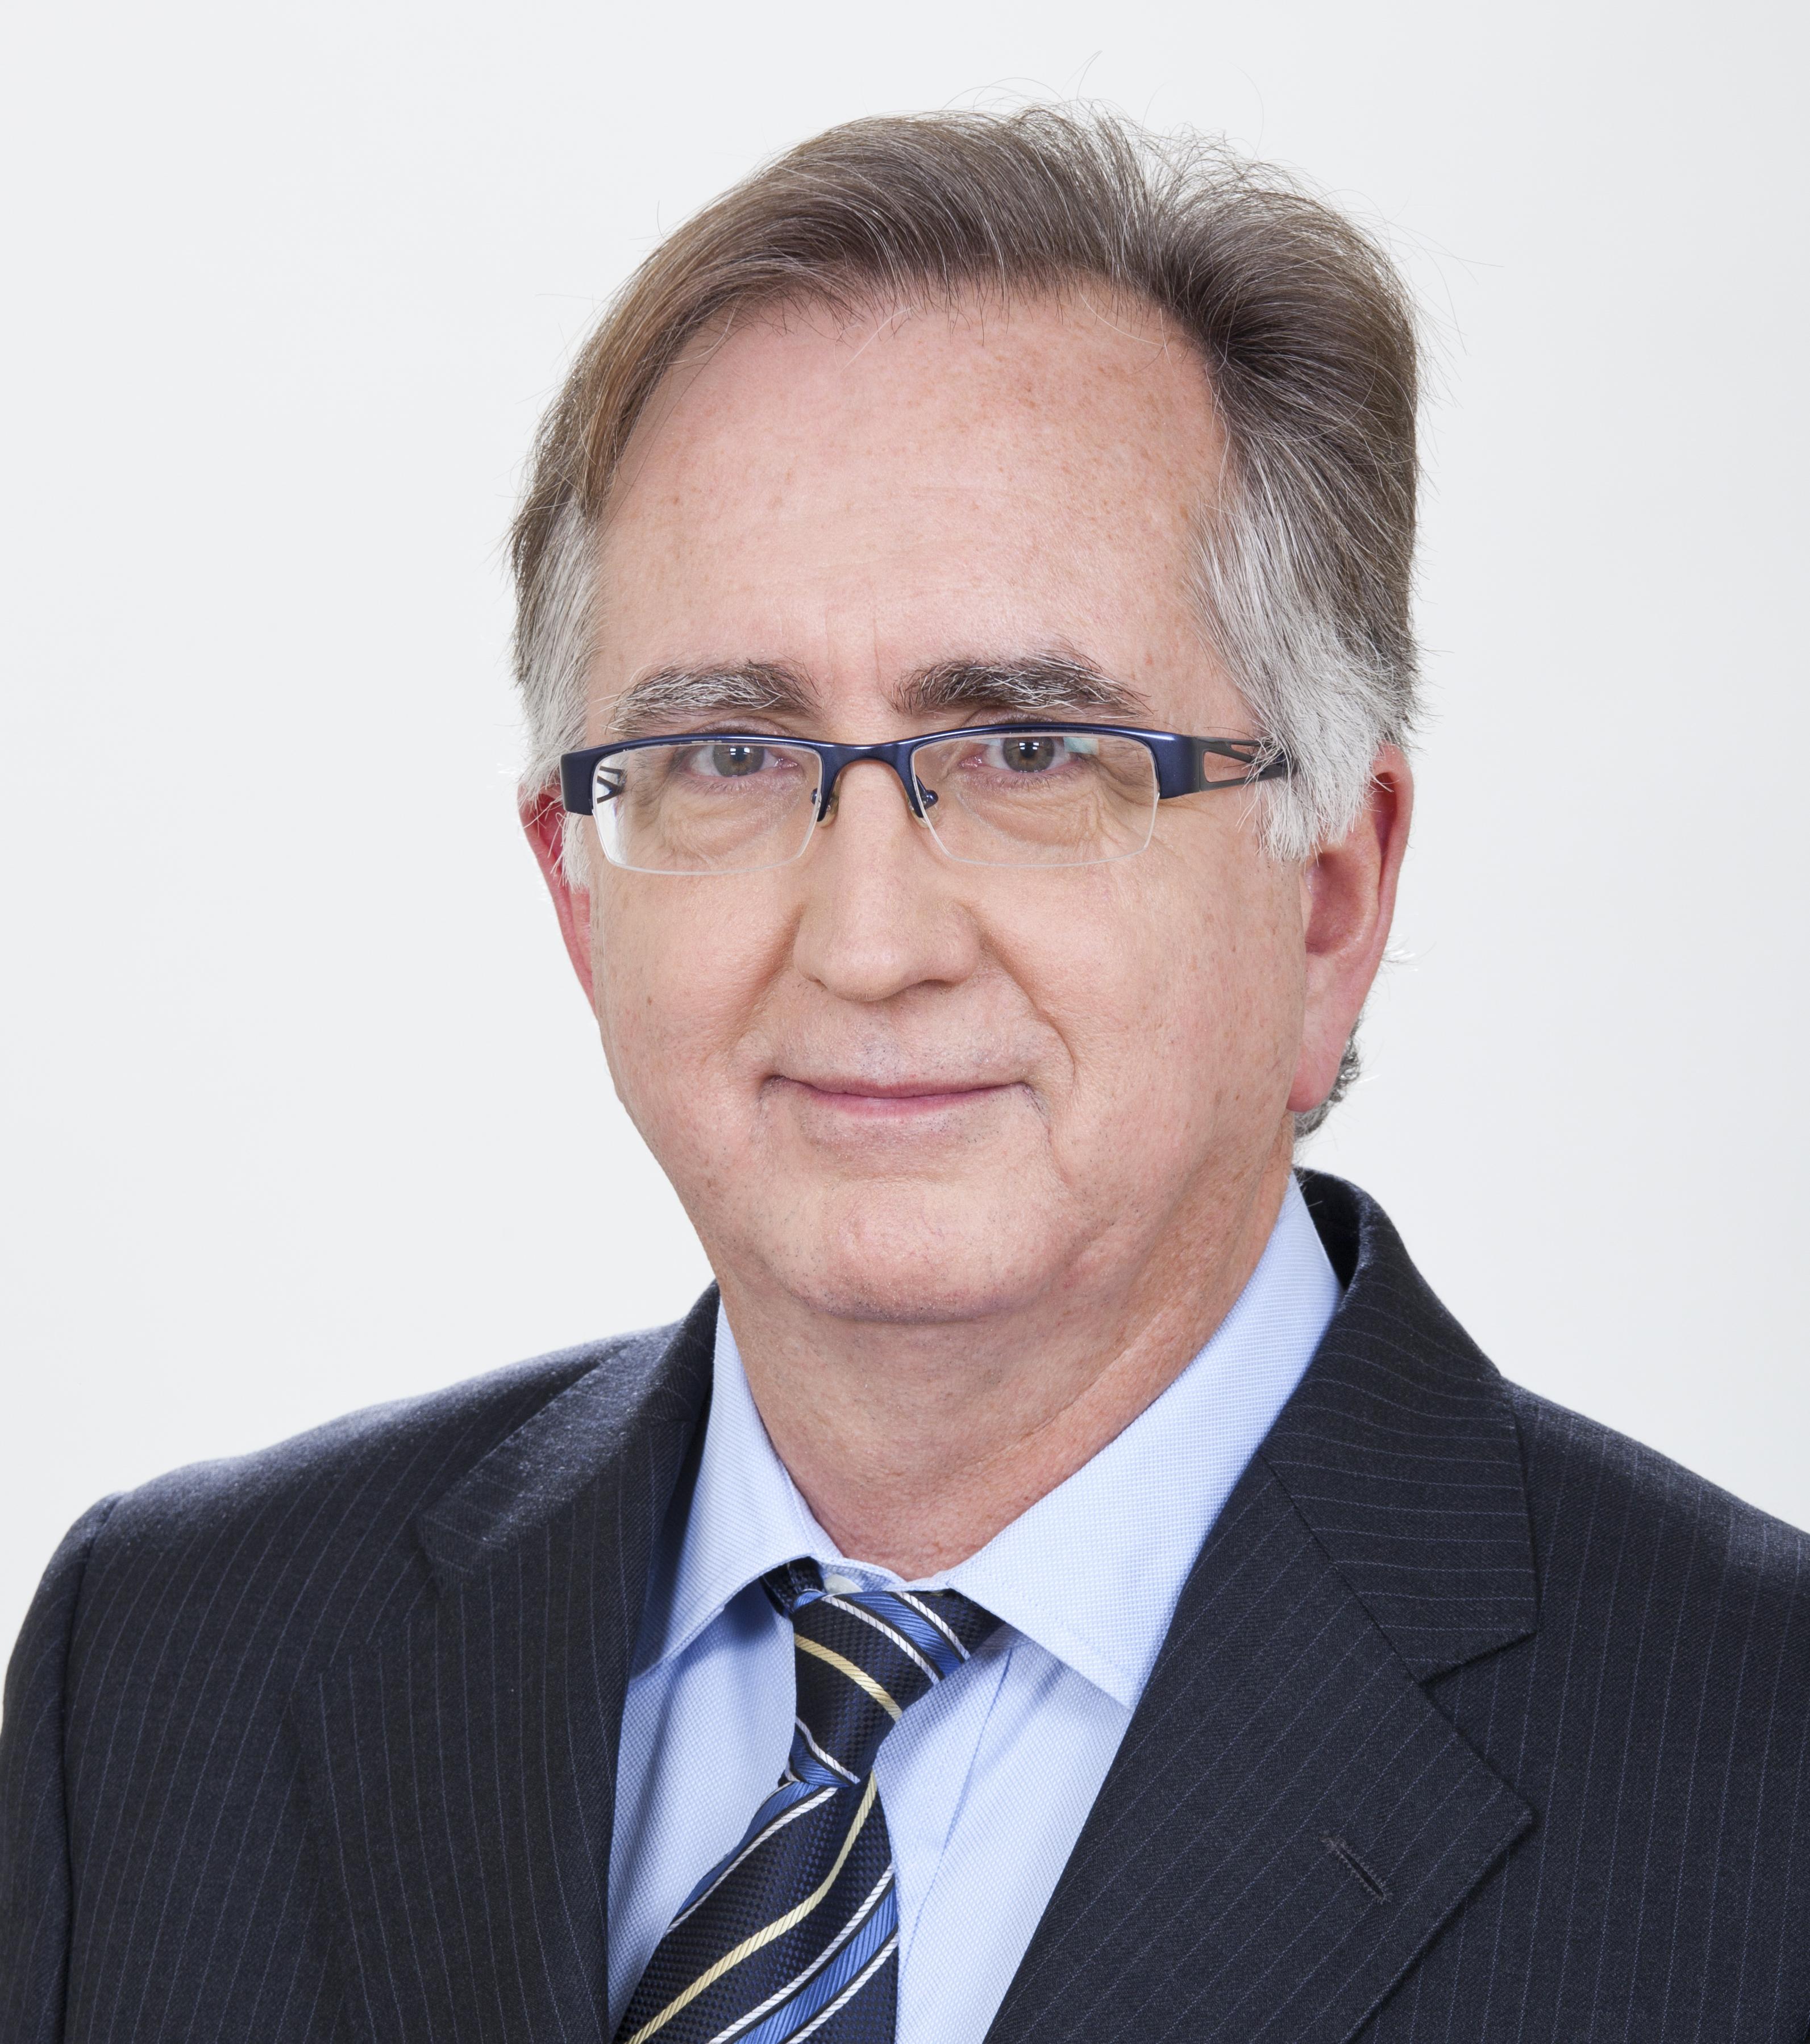 Blas Oliet, Abogado experto en derecho societario. Fue Director de Servicios Jurídicos de Repsol